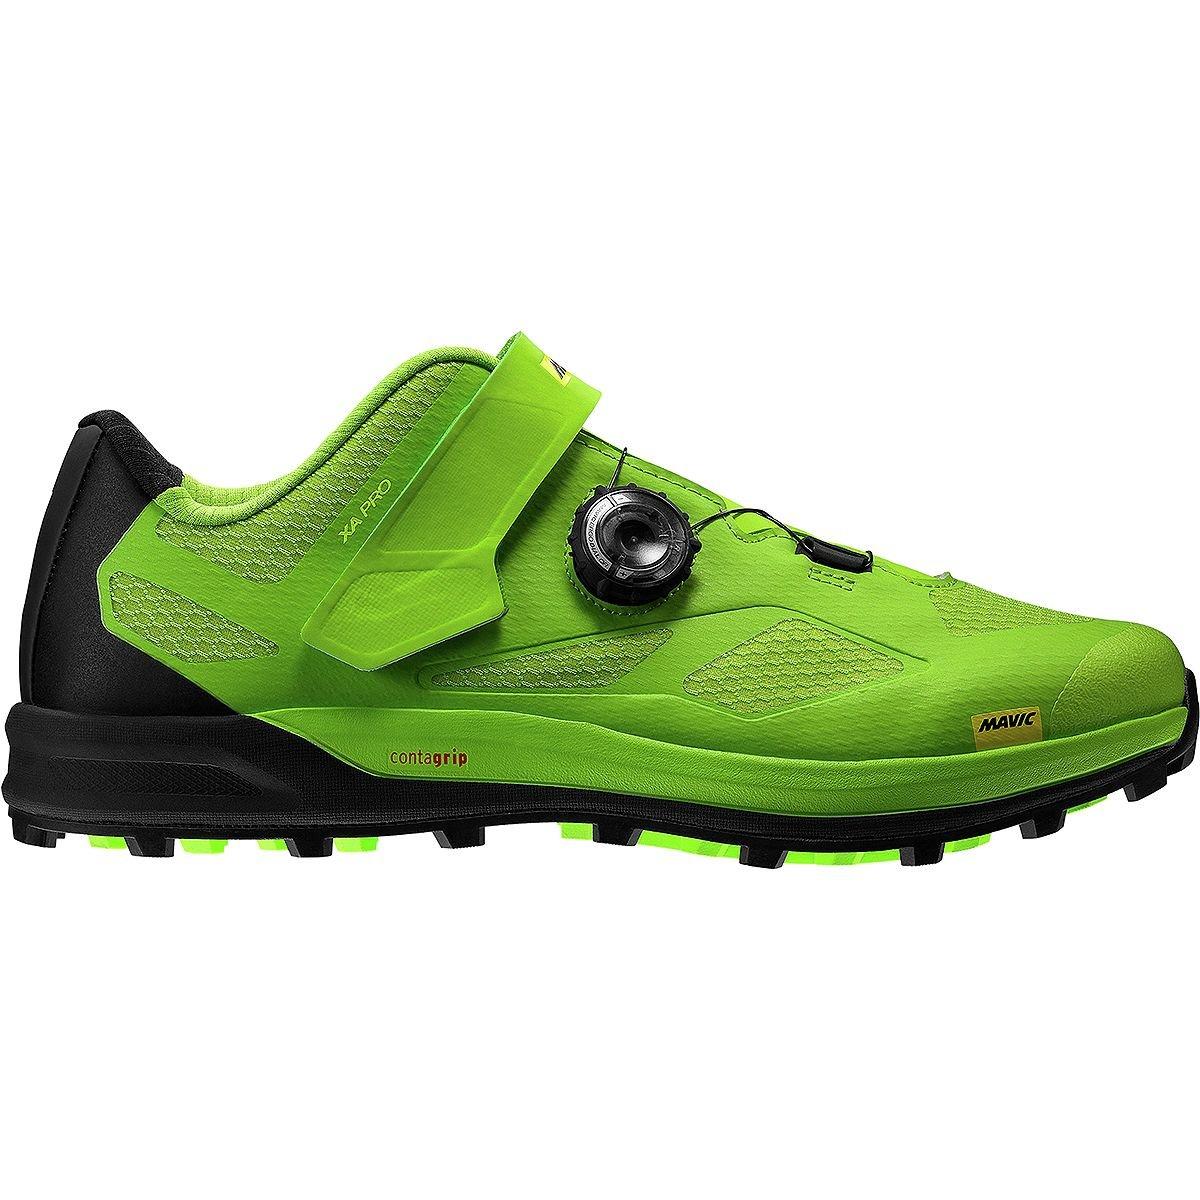 [マヴィック] XA PRO (クロスアドベンチャー プロ) L40031200 B078S5F2MK US 13.5/UK 13.0|Lime Green/Pirate Black/Safety Yellow Lime Green/Pirate Black/Safety Yellow US 13.5/UK 13.0